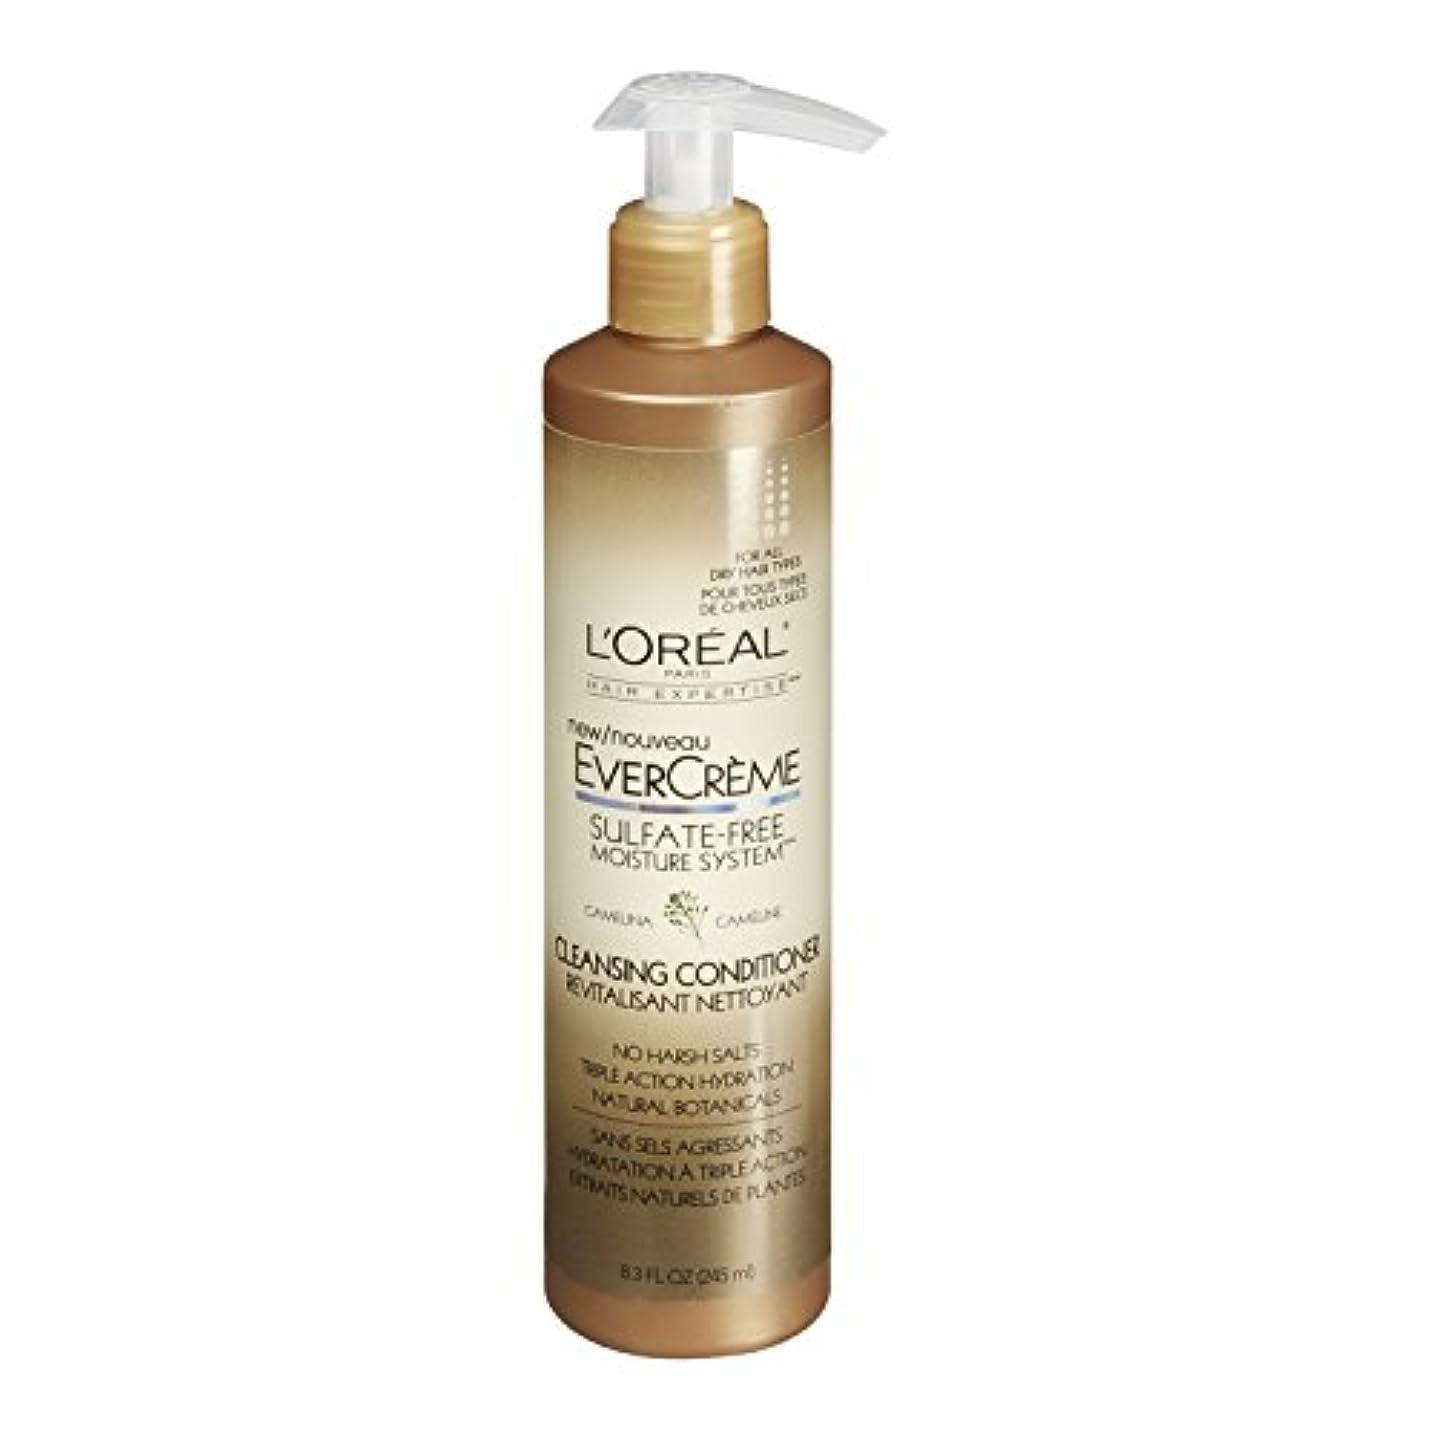 ハイブリッドステートメント孤独L'Oreal Paris EverCreme Sulfate-Free Moisture System Cleansing Conditioner, 8.3 fl. Oz. by L'Oreal Paris Hair...